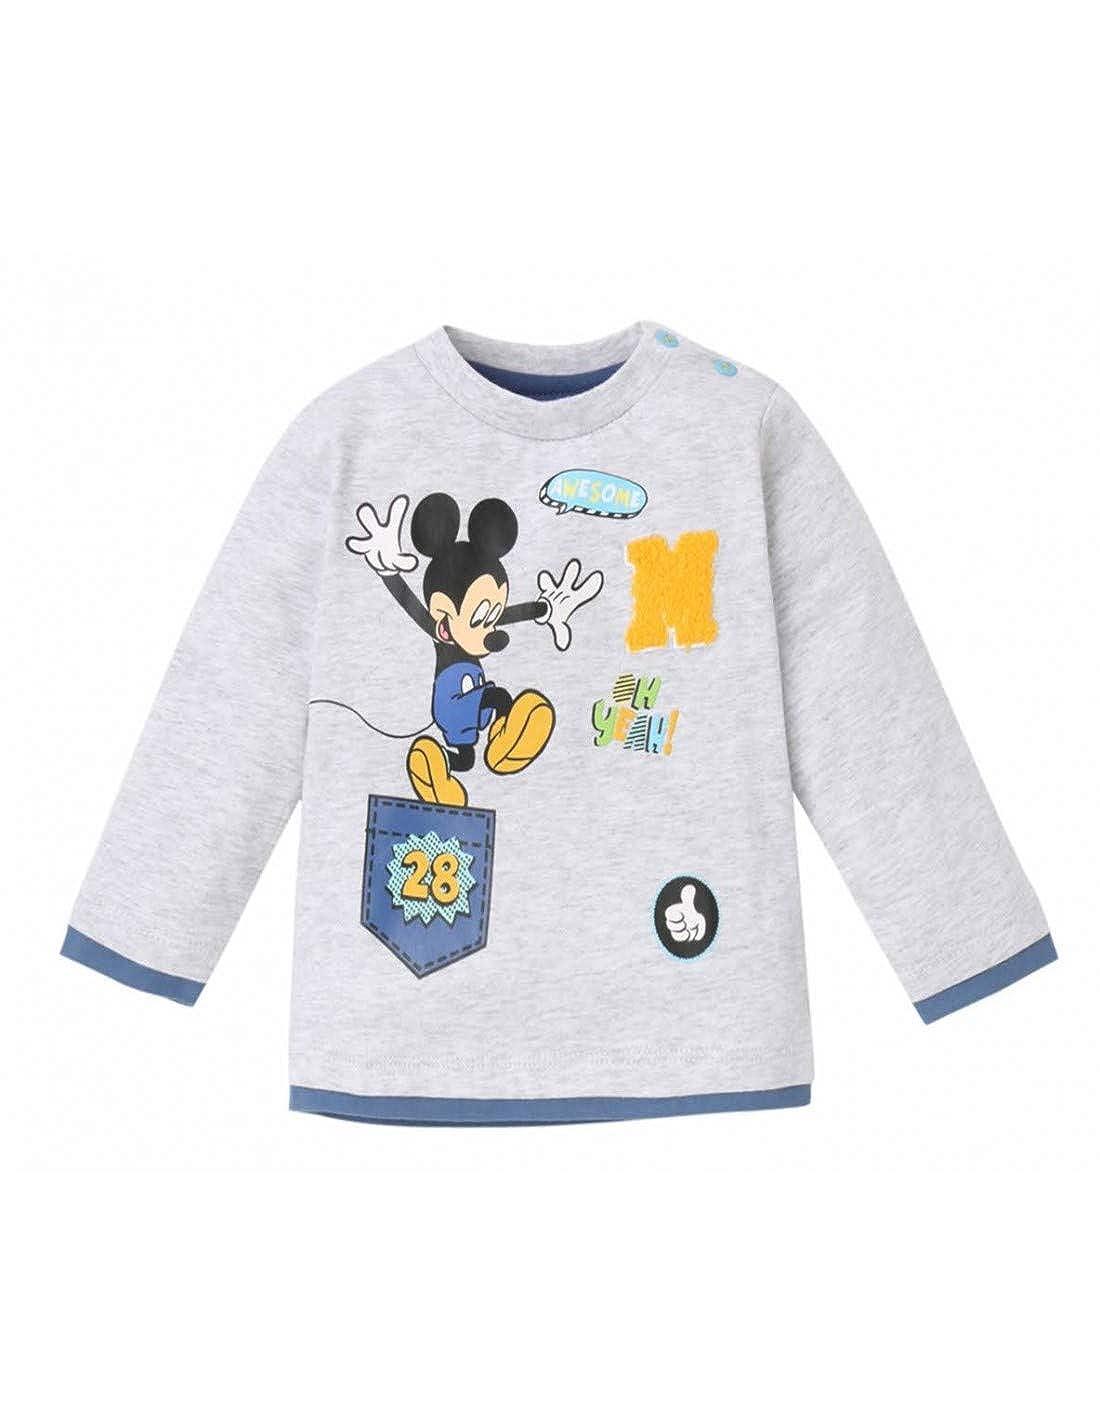 Mickey Mouse Baby Boys' Long Sleeve Tee TSML-BG-MIC-SO2139-1050